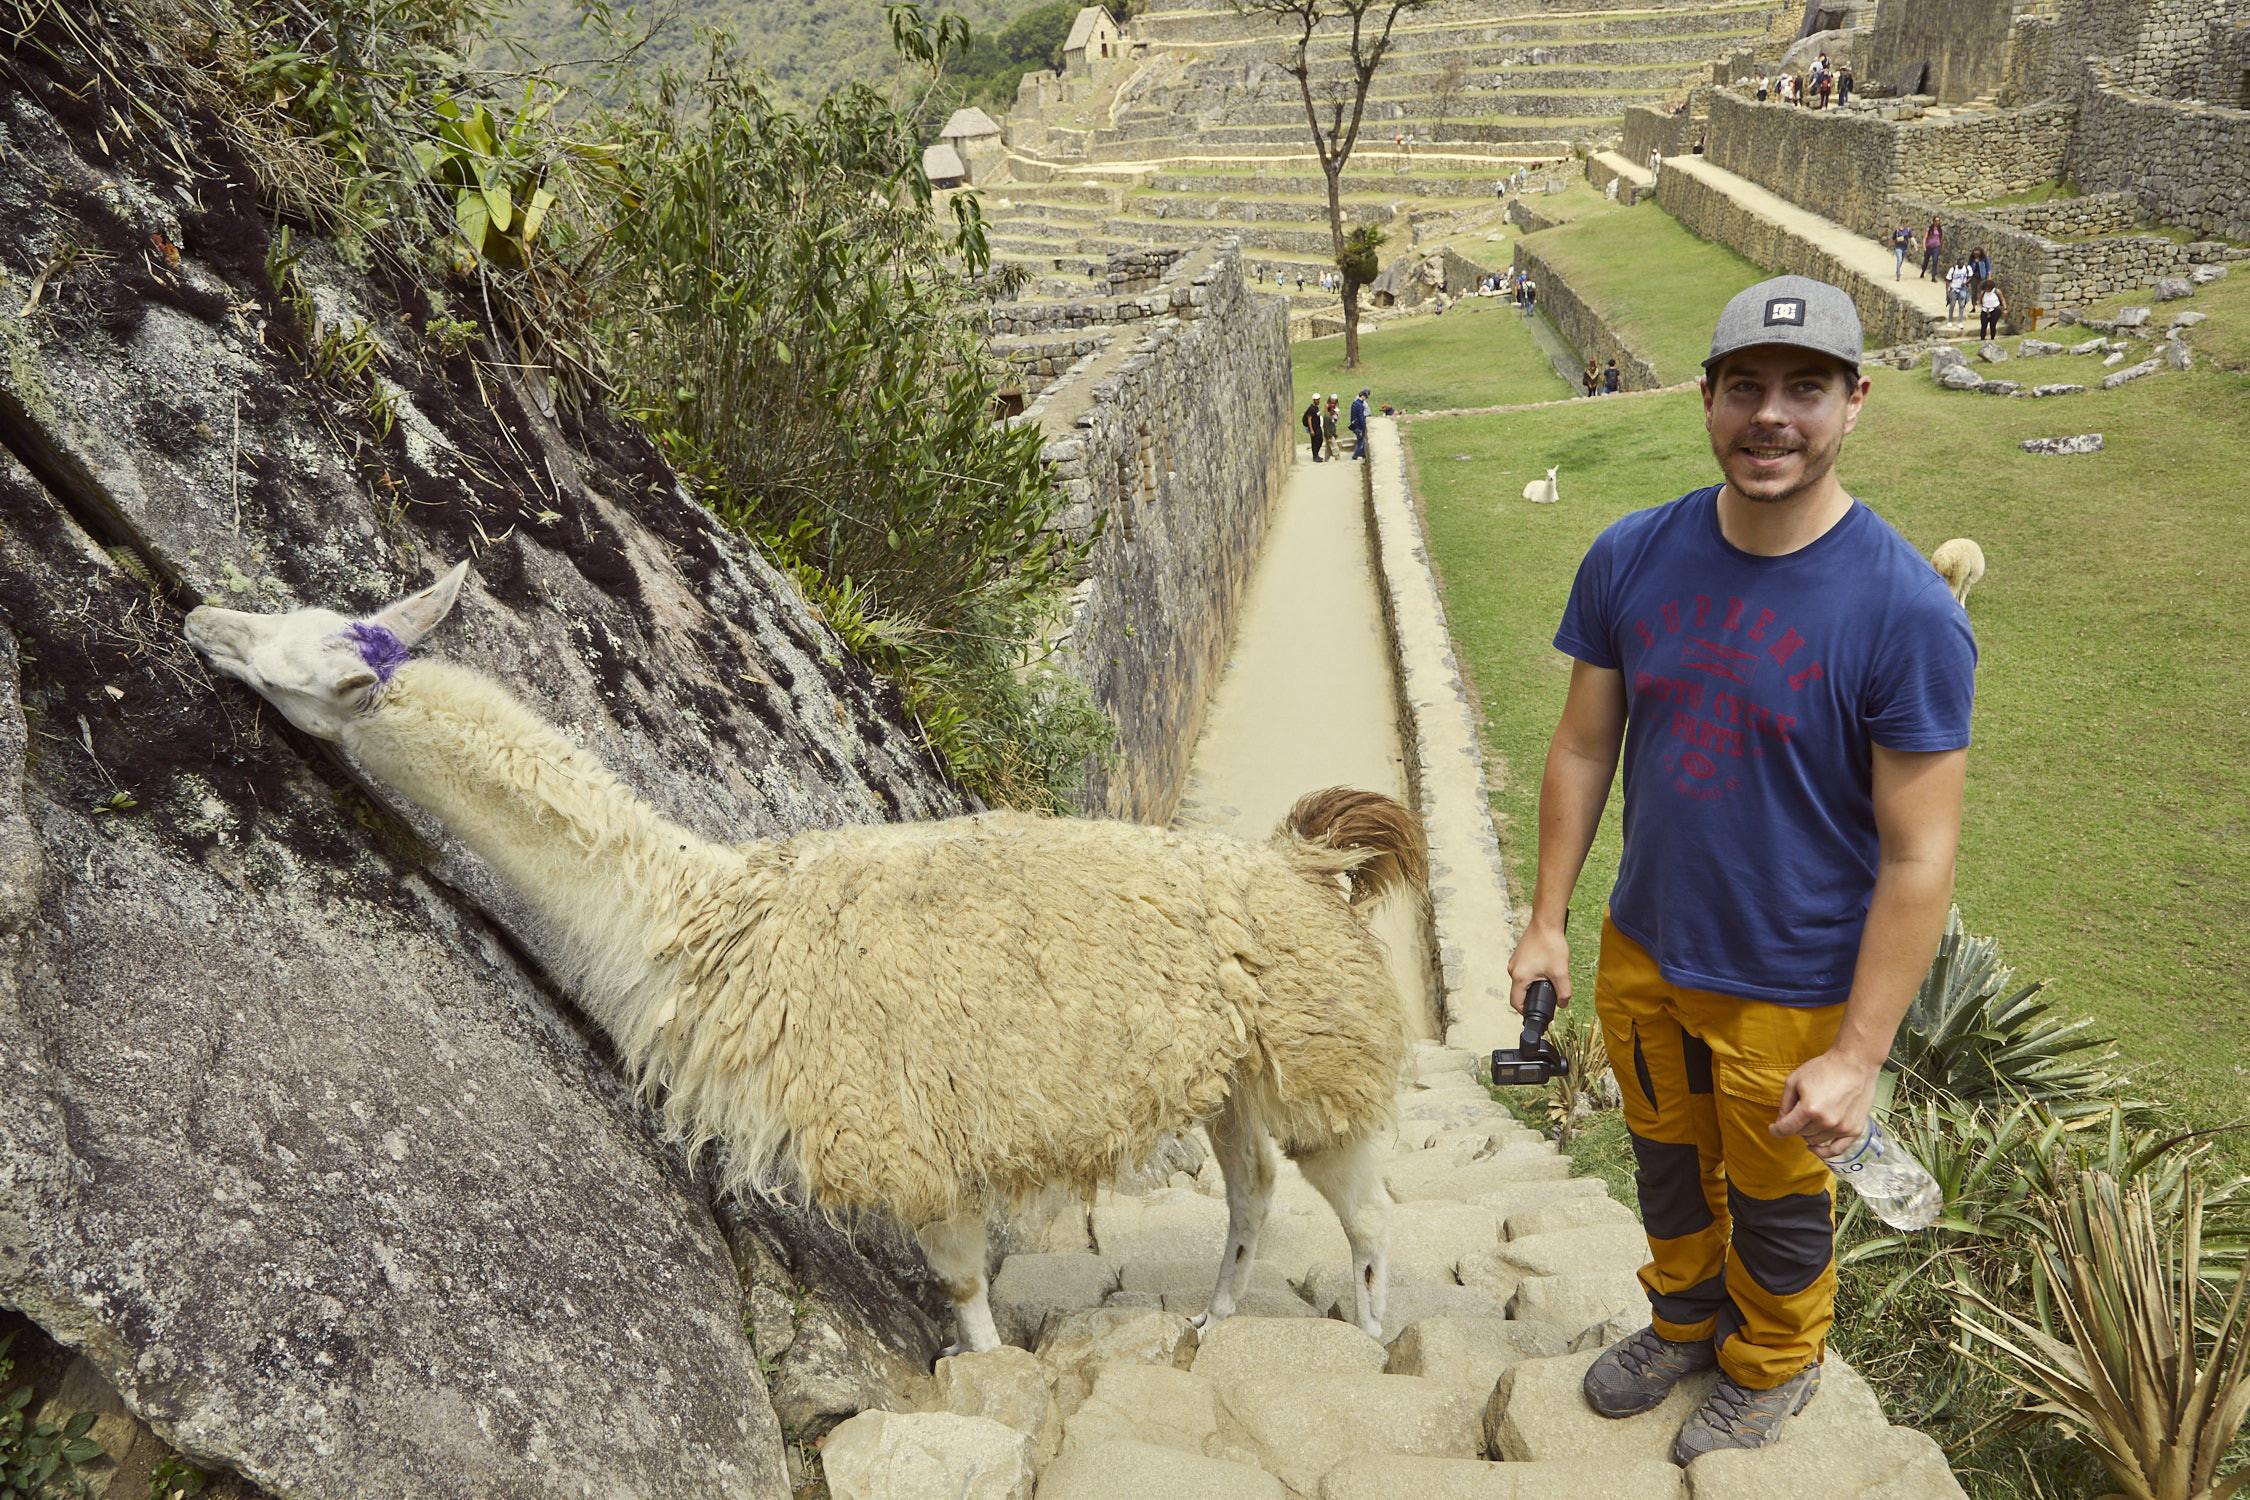 Das Lama lief hinter Ronnie hoch und begann das Gras von der Ruine zu fressen.